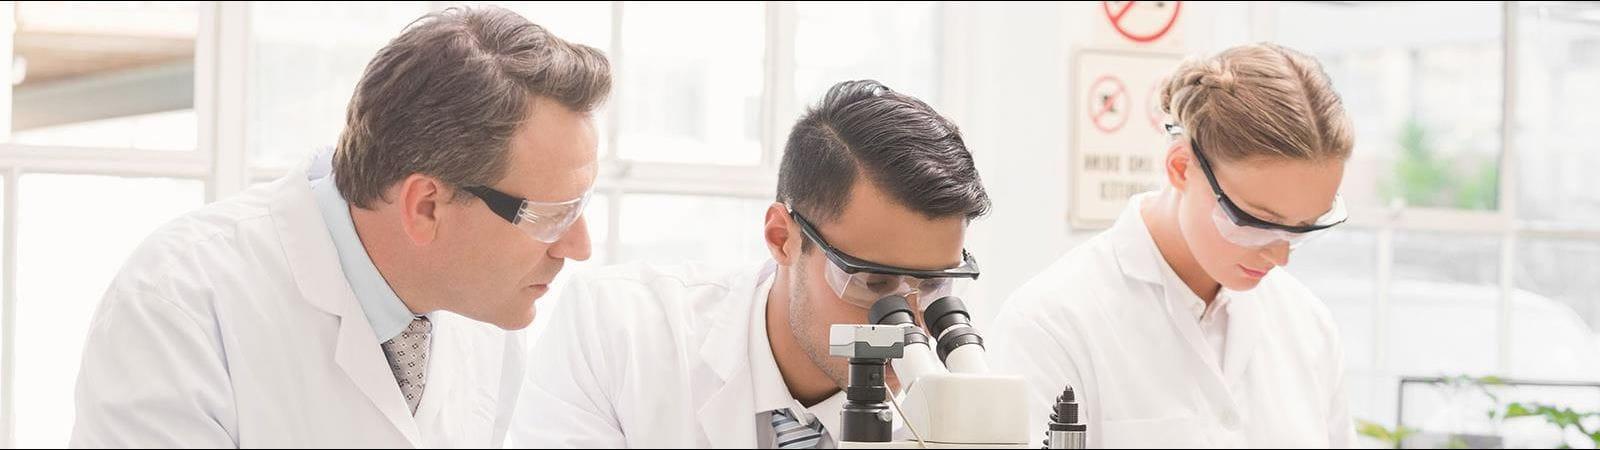 Tre ricercatori